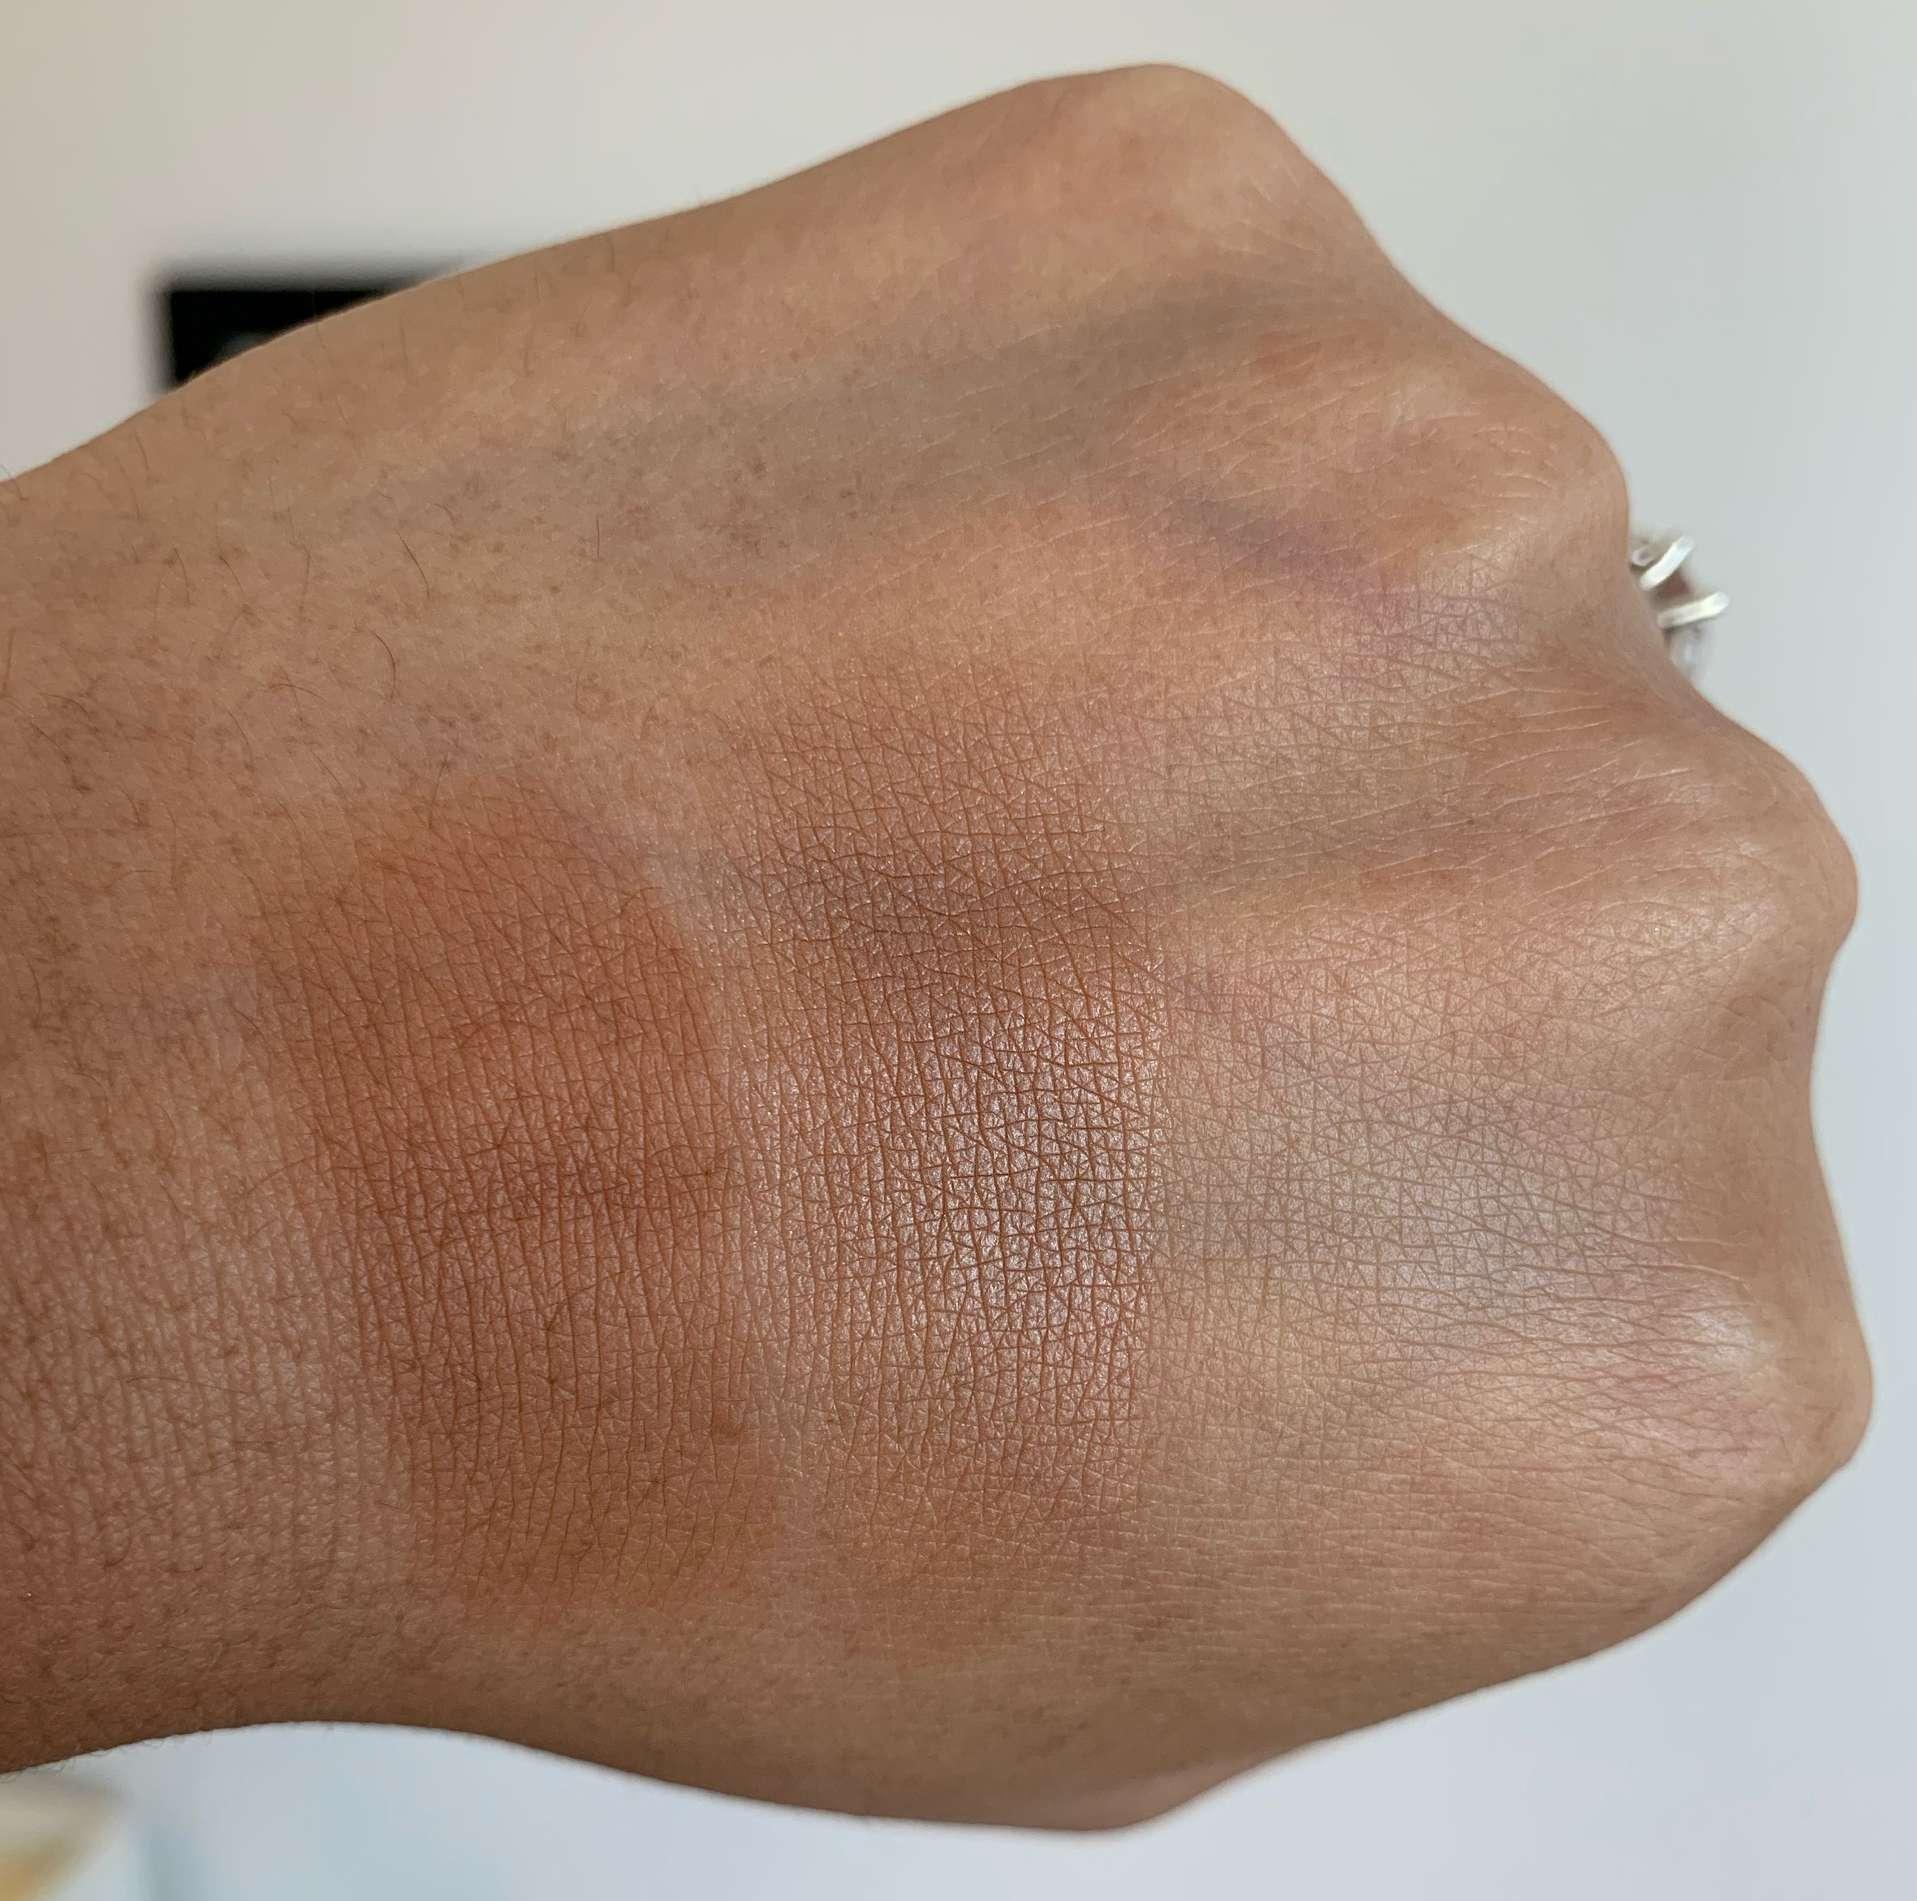 Coloured Raine Cinna-Bae Bronzer and MAC Sun Soaked Strip Bronzer Swatches on Medium Dark Skin